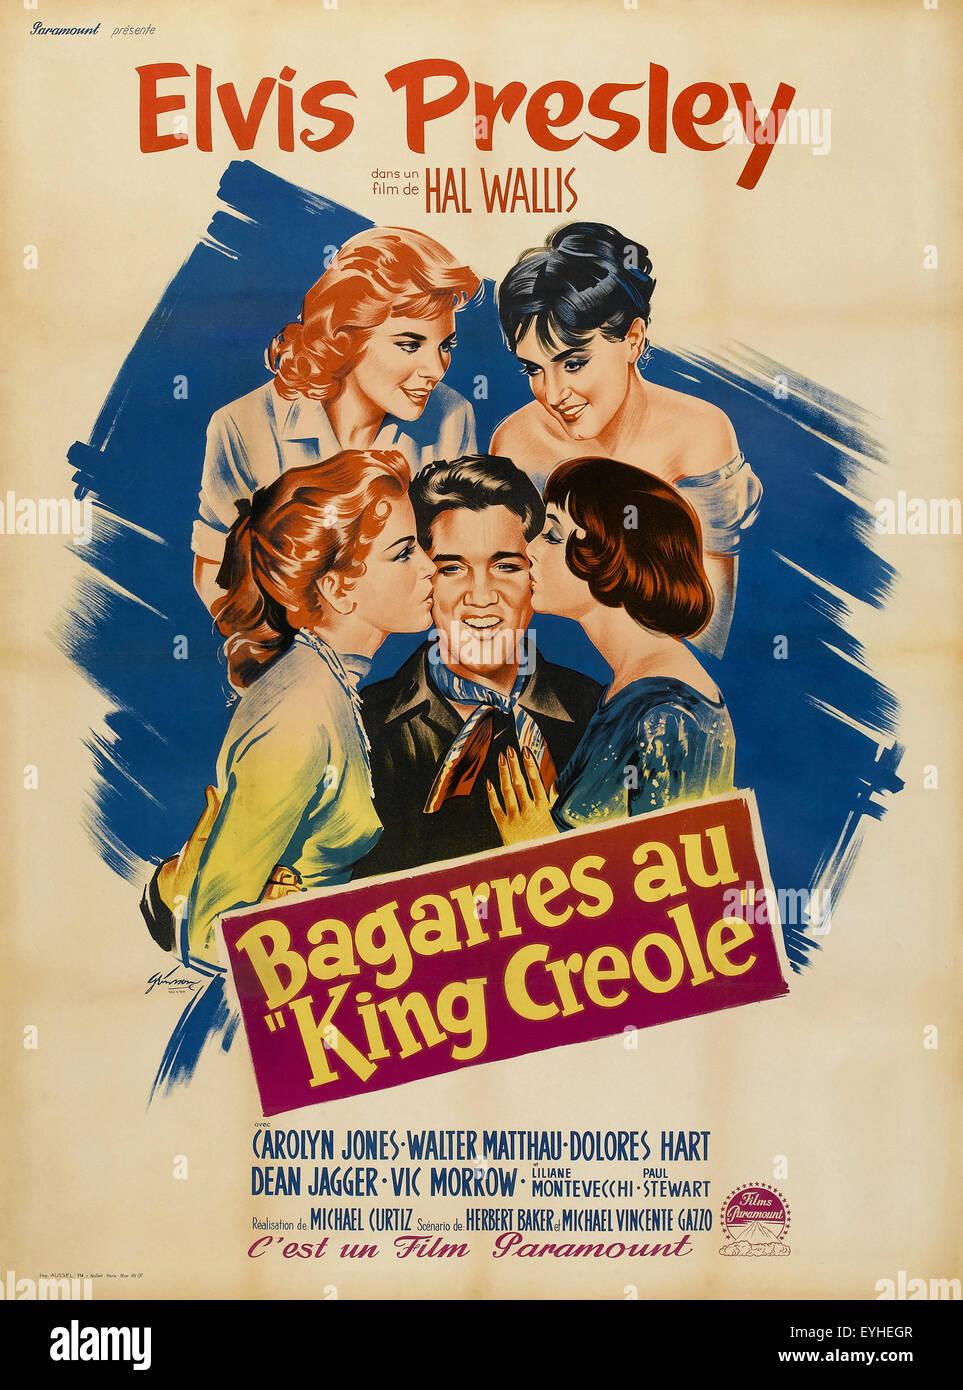 Elvis Presley King Creole Vintage Movie Poster